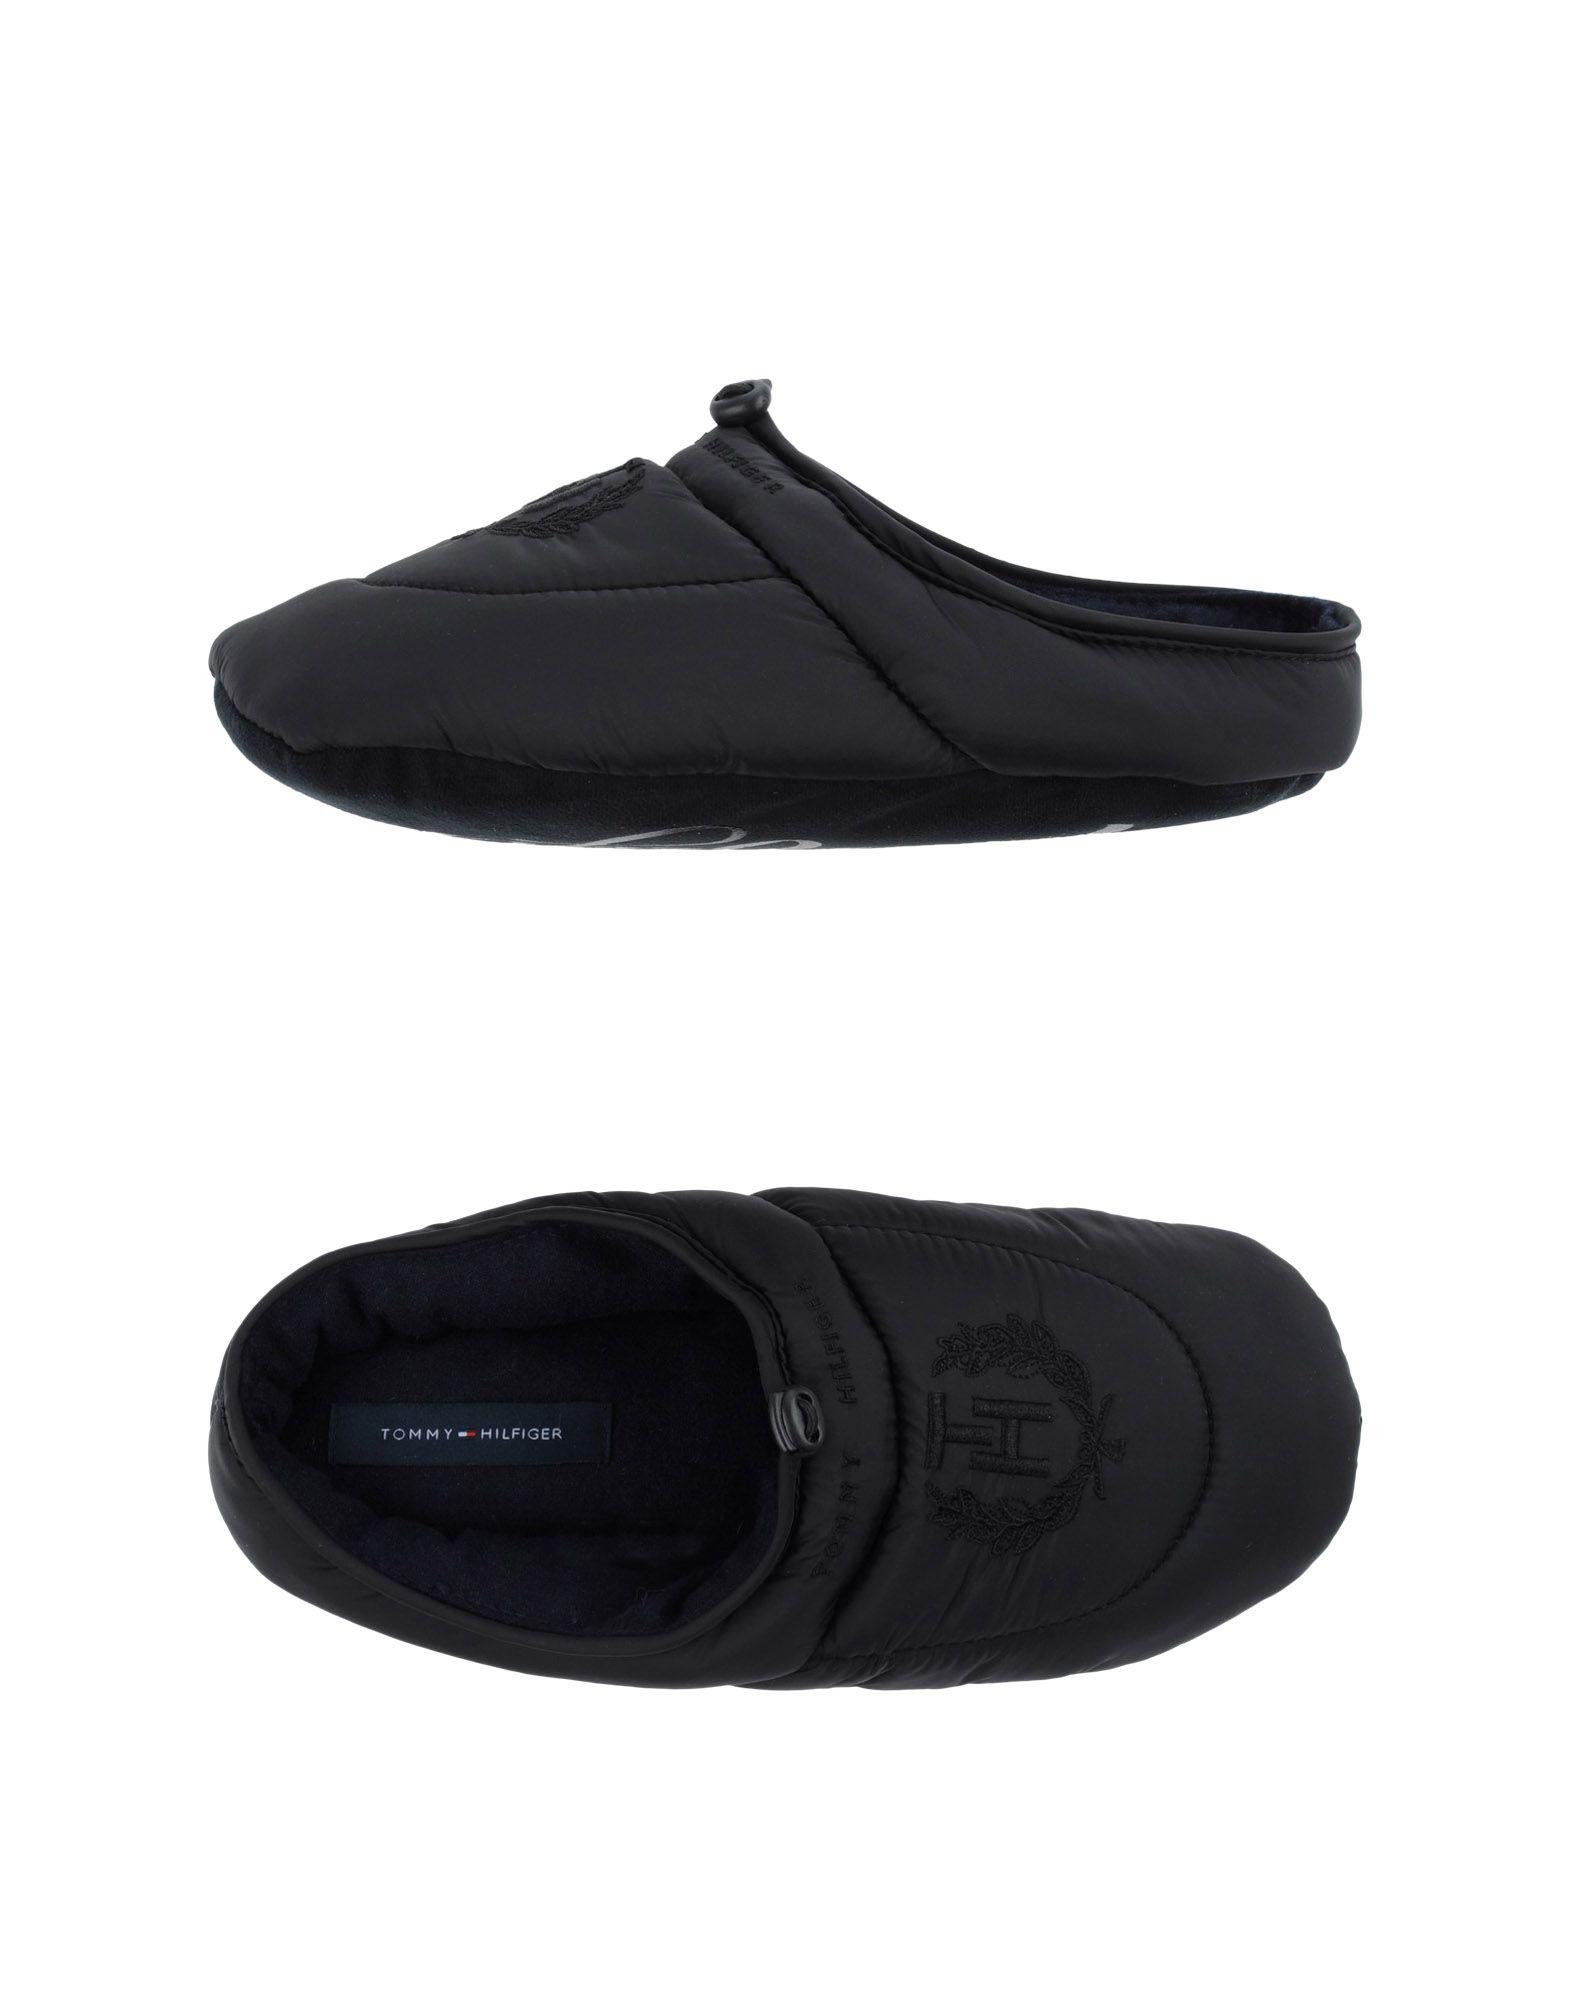 tommy hilfiger slippers in black for men lyst. Black Bedroom Furniture Sets. Home Design Ideas